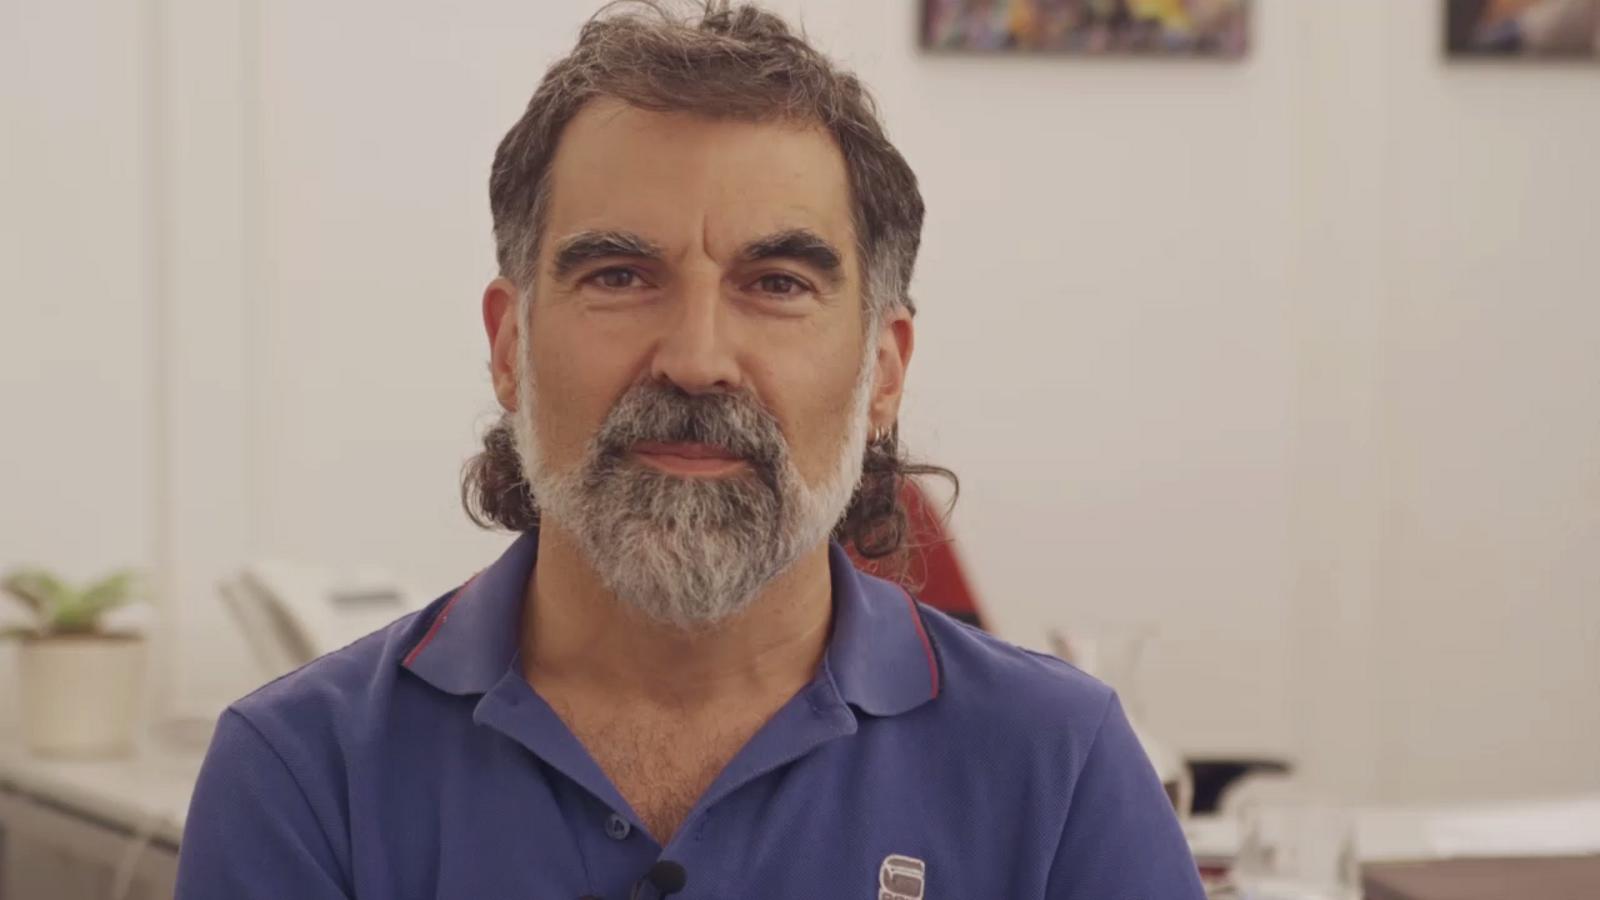 El vídeo gravat per Cuixart per si l'empresonaven